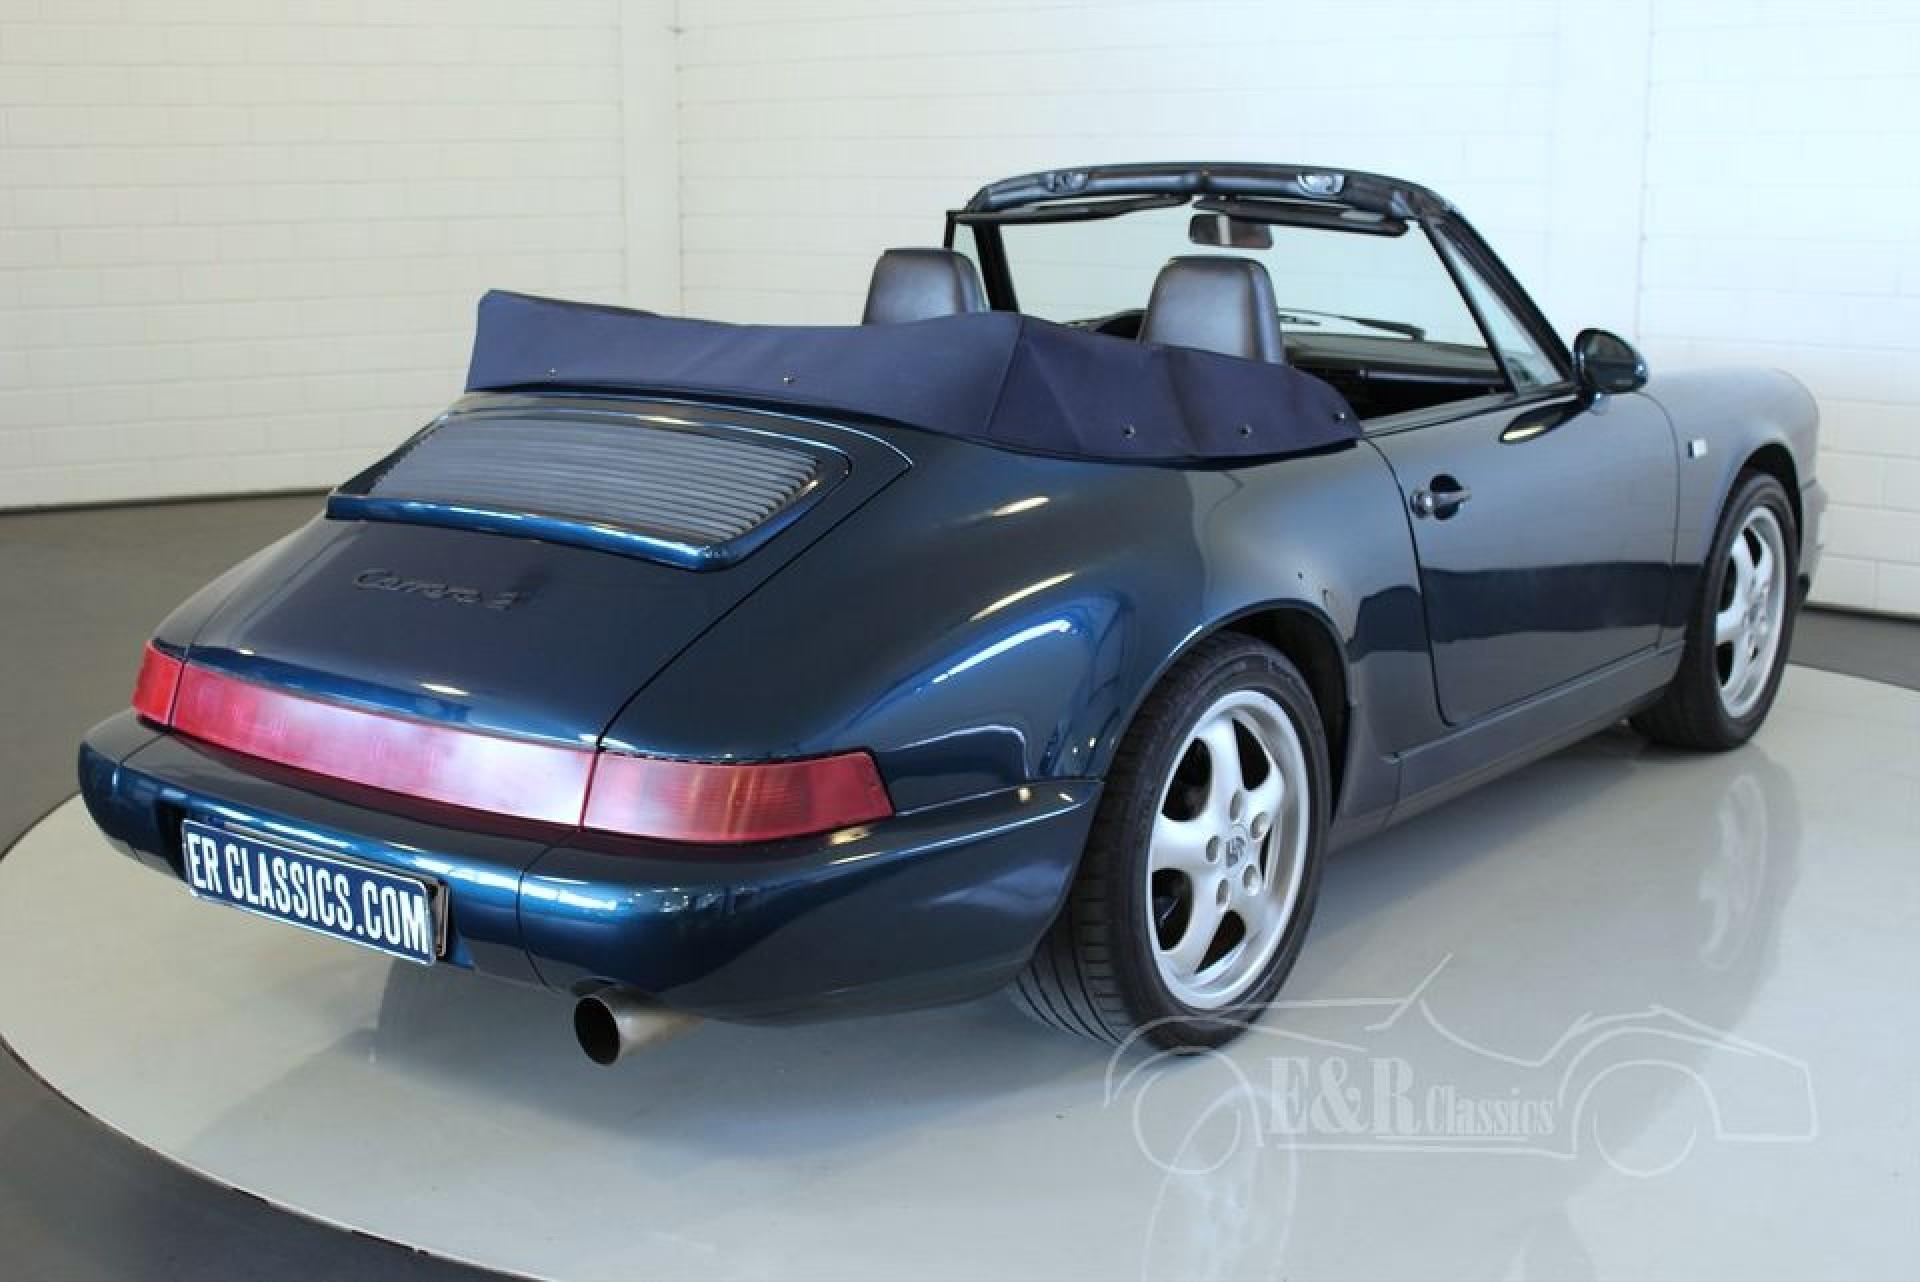 porsche 964 carrera 2 cabriolet 1991 vendre erclassics. Black Bedroom Furniture Sets. Home Design Ideas